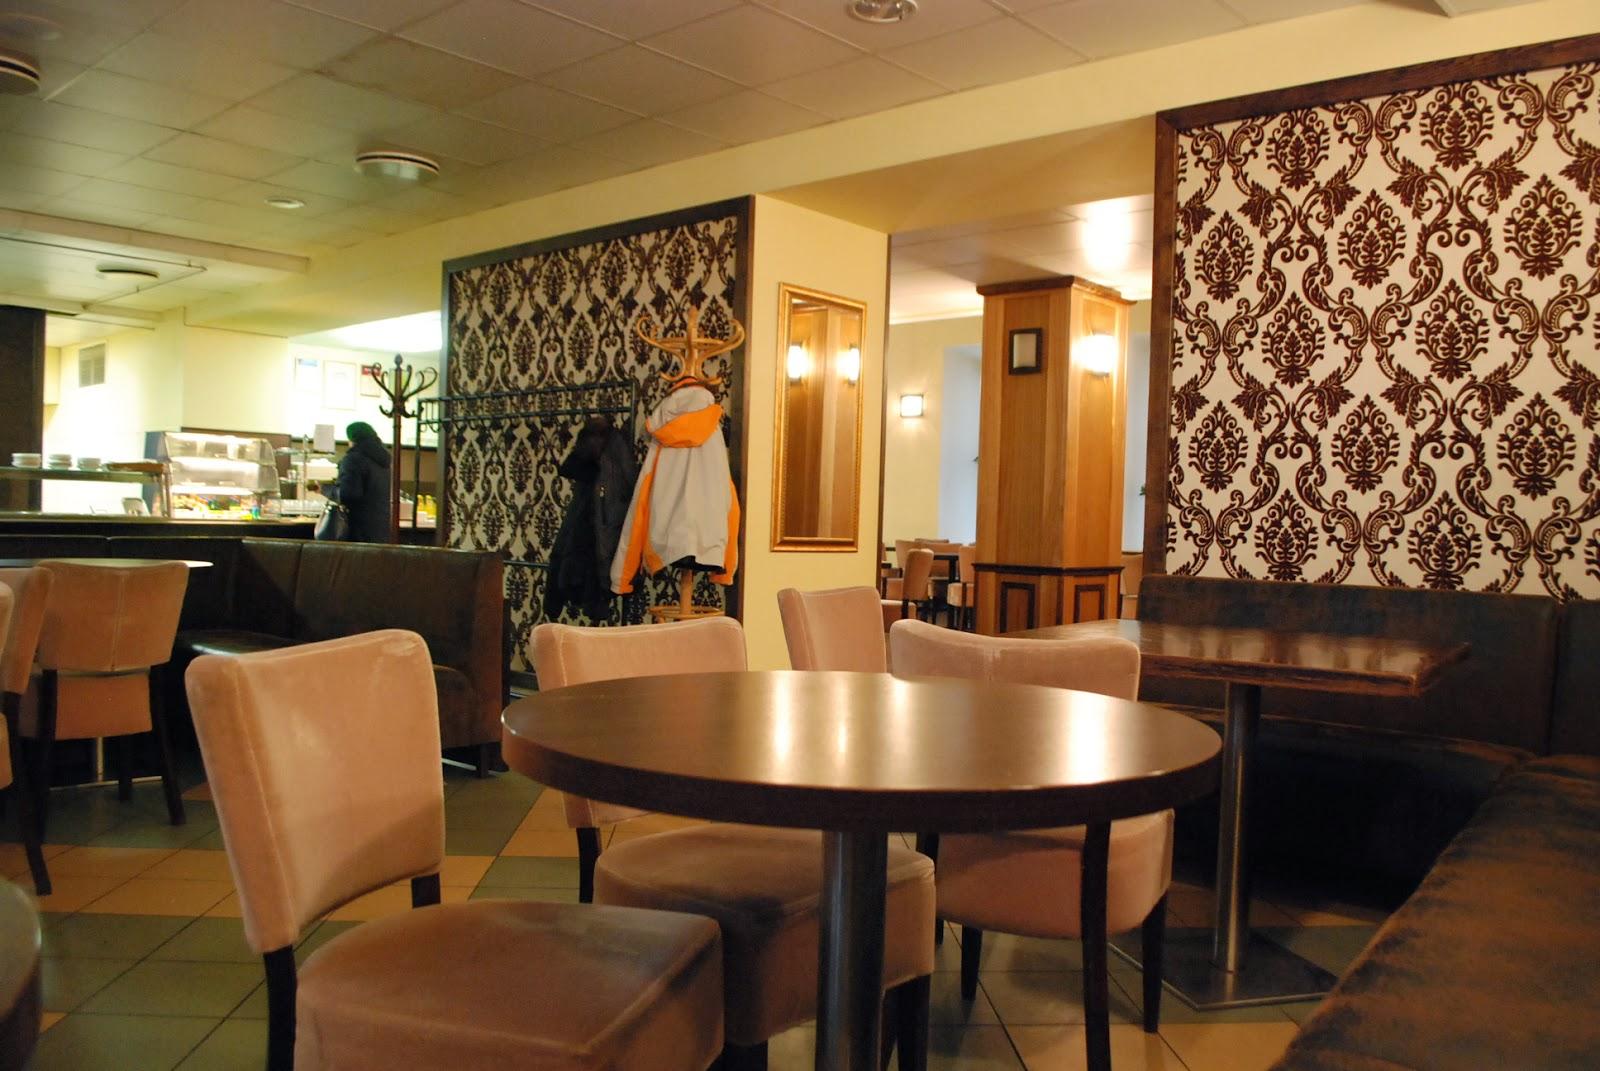 Студенческое кафе:) Вильнюс.